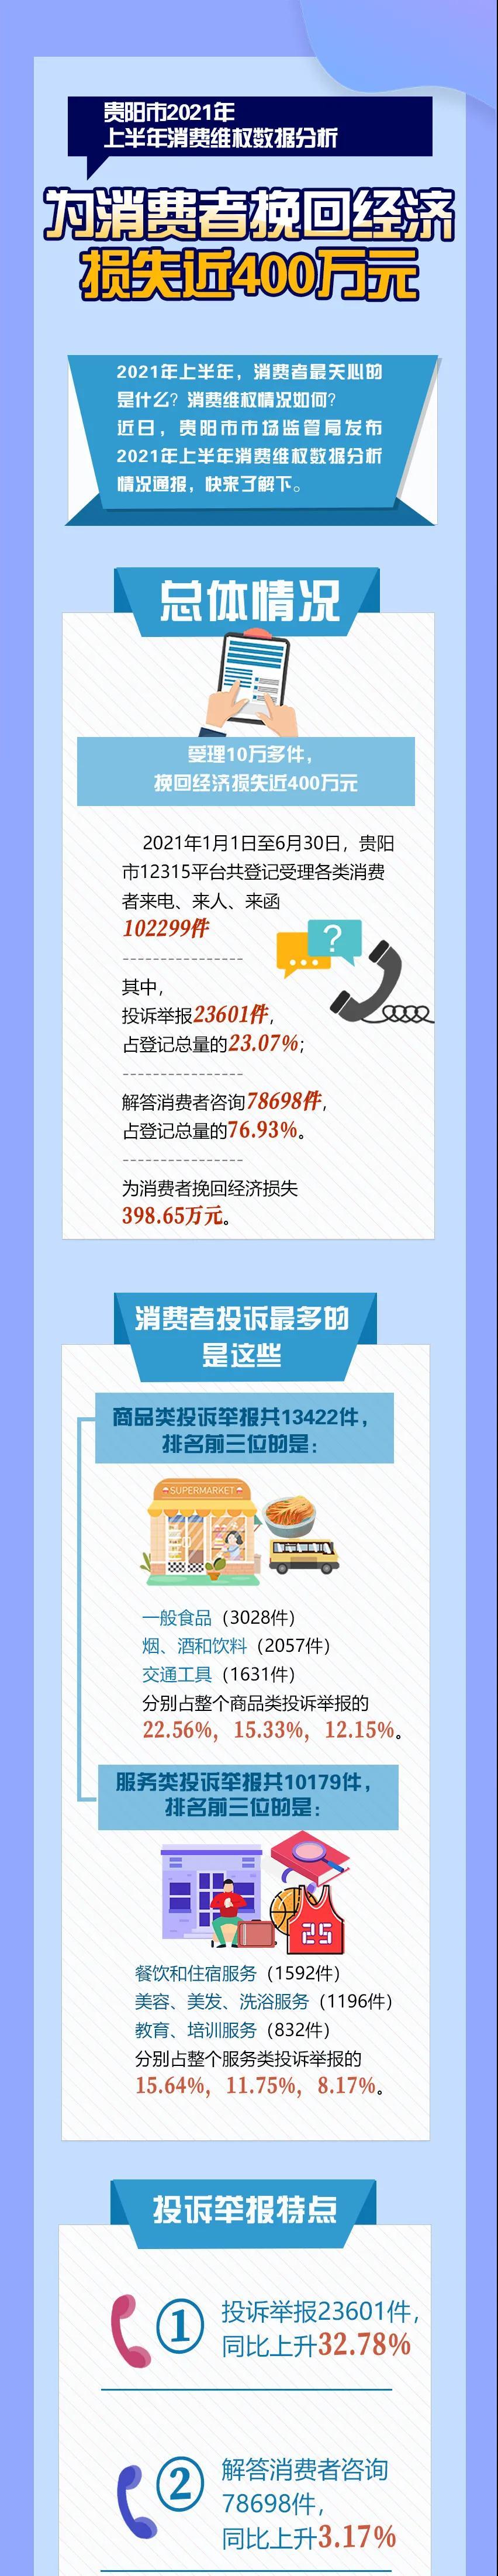 2021年贵阳gdp_2021年上半年贵州各市州GDP贵阳遵义排名第一第二安顺增速最快